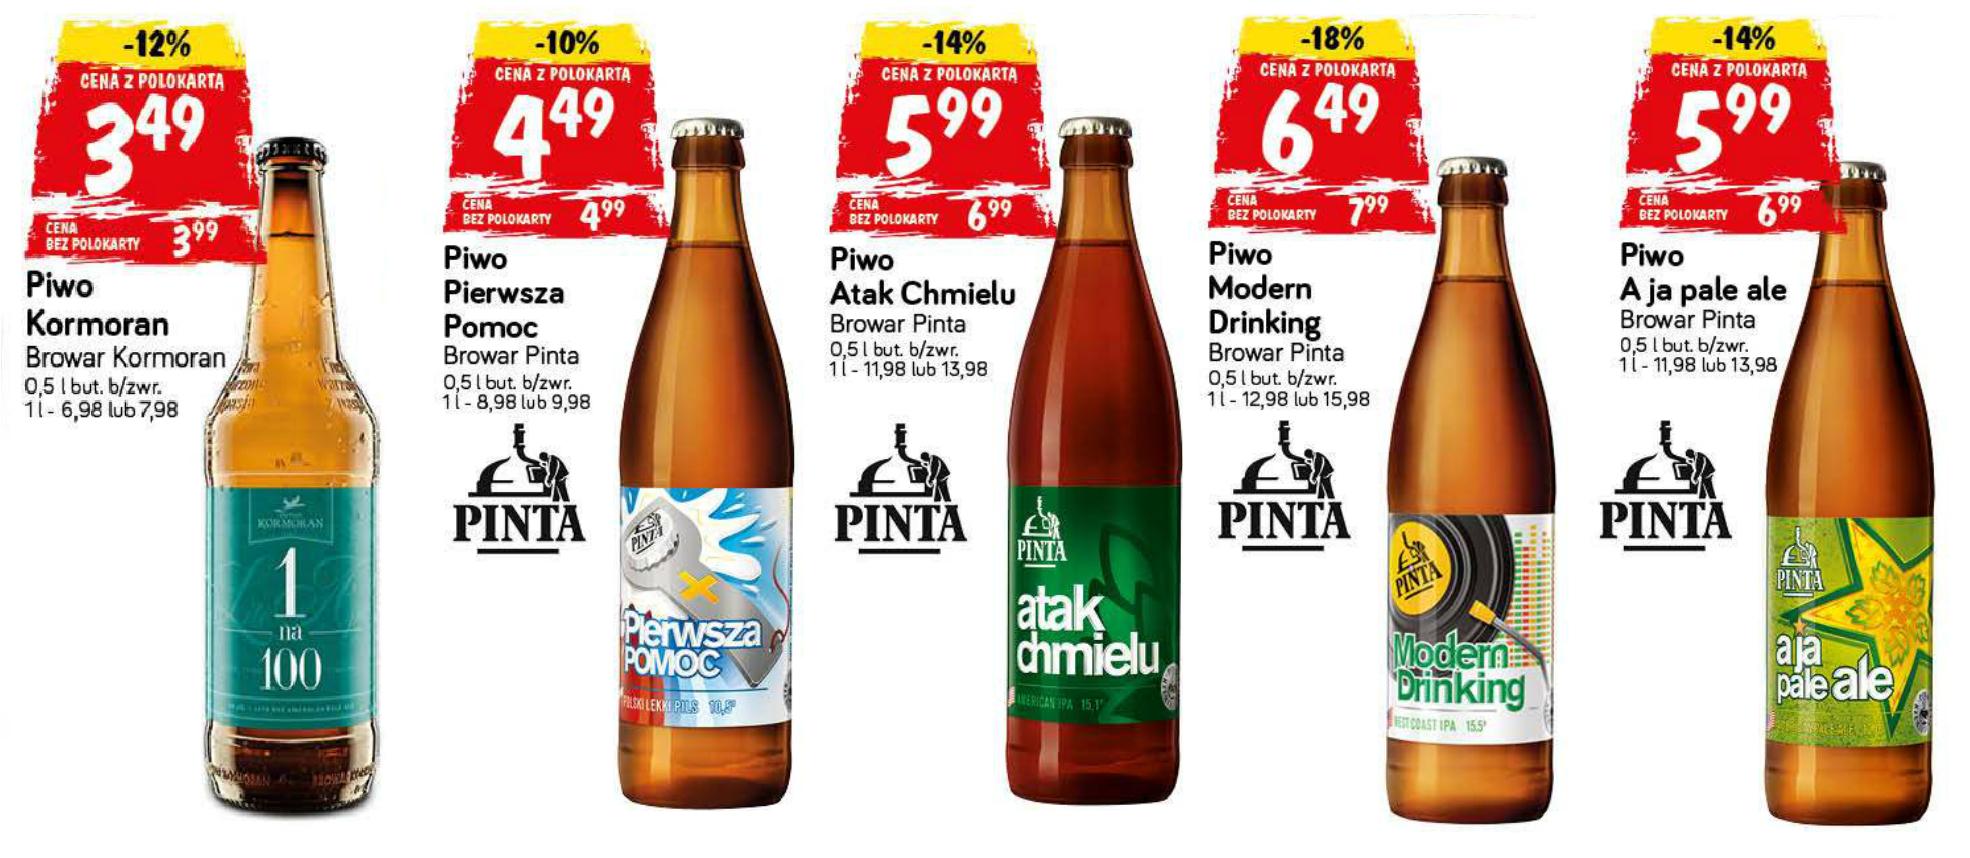 Piwo Kormoran 1na100 (3,49zł) i 4 piwa Pinta (4,49-6,49zł) - ceny z polokartą @ POLOmarket